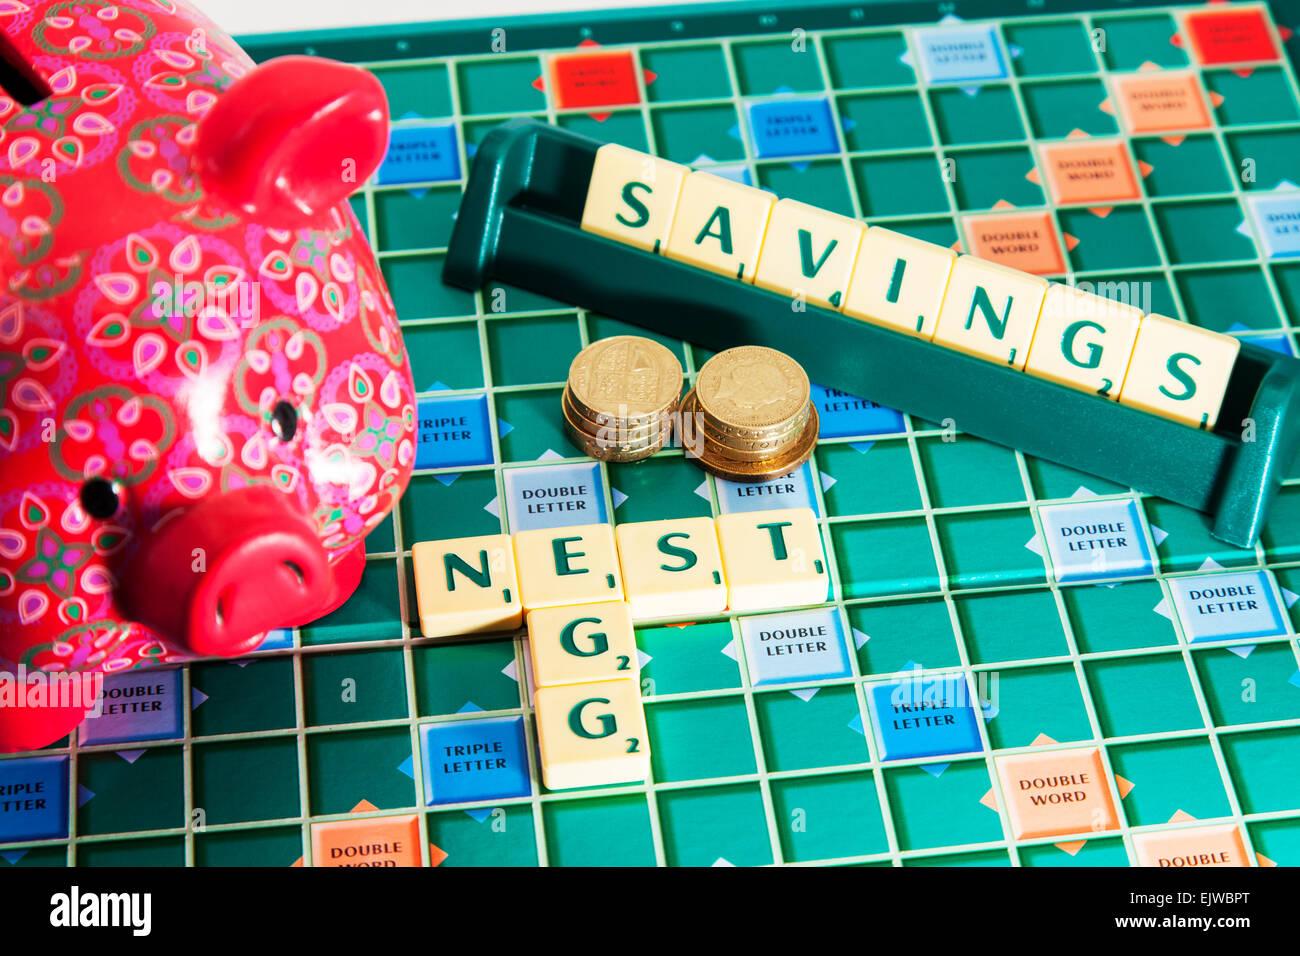 Hucha de ahorro nido de huevos futuras pensiones dinero ahorrar dinero utilizando palabras scrabble azulejos a deletrear, Imagen De Stock